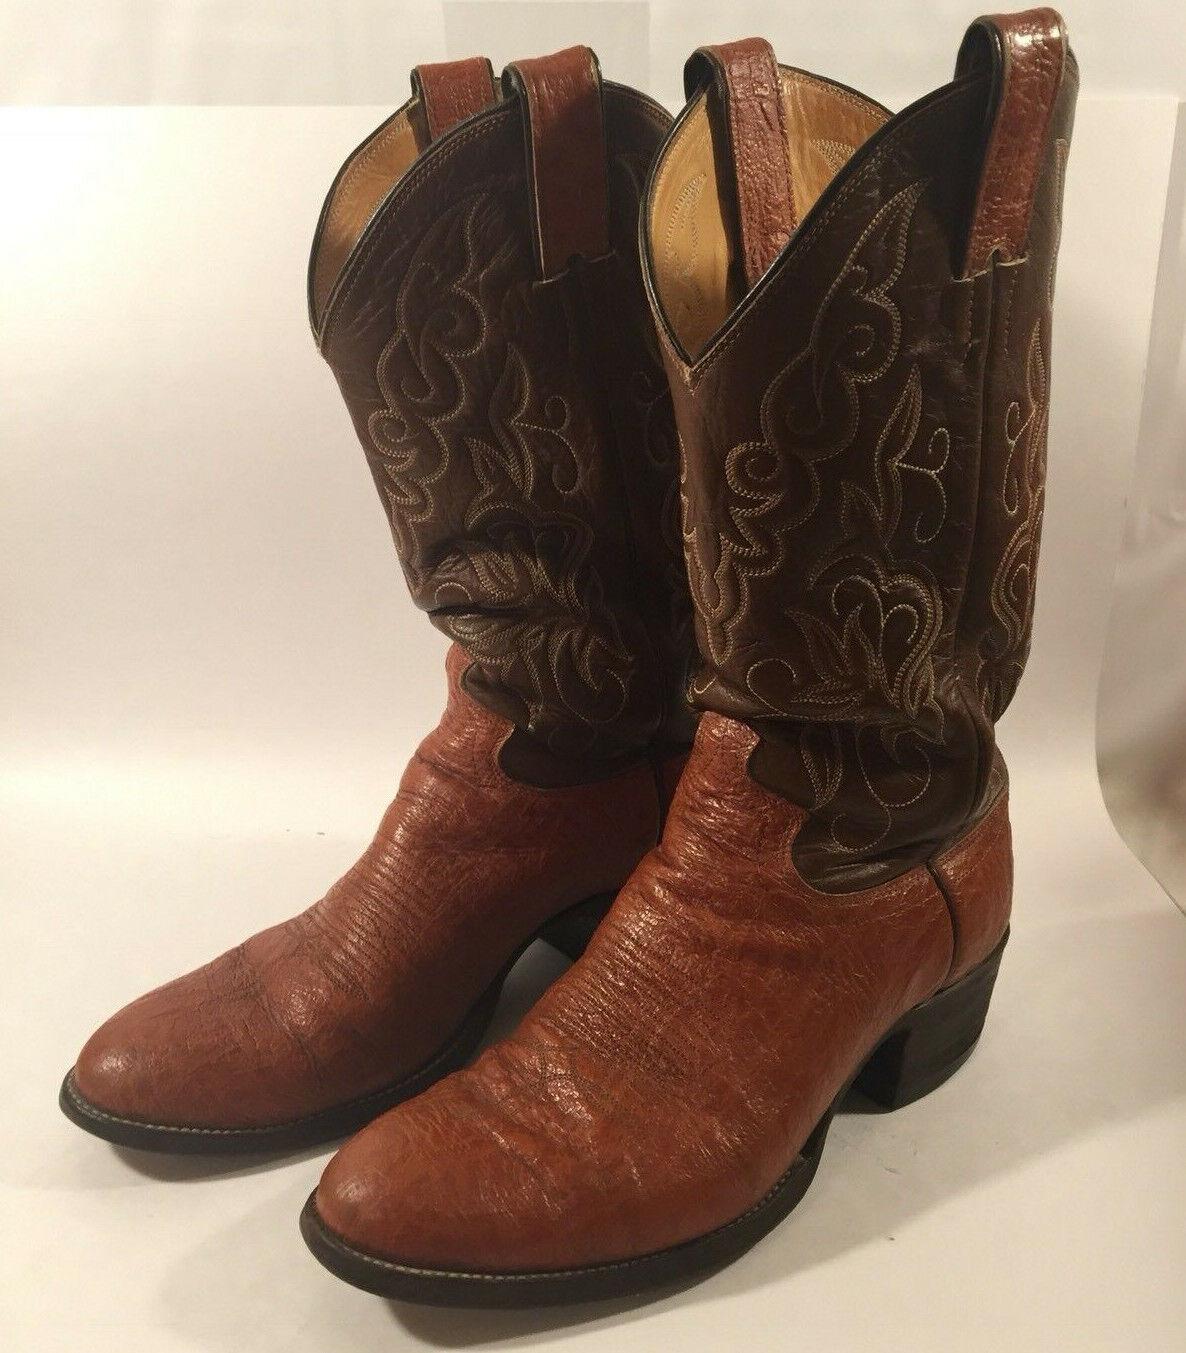 Vintage Cuero Marrón Justin Western Cowboy botas Tamaño 7.5 hecho en los E.e.u.u. Point Toe